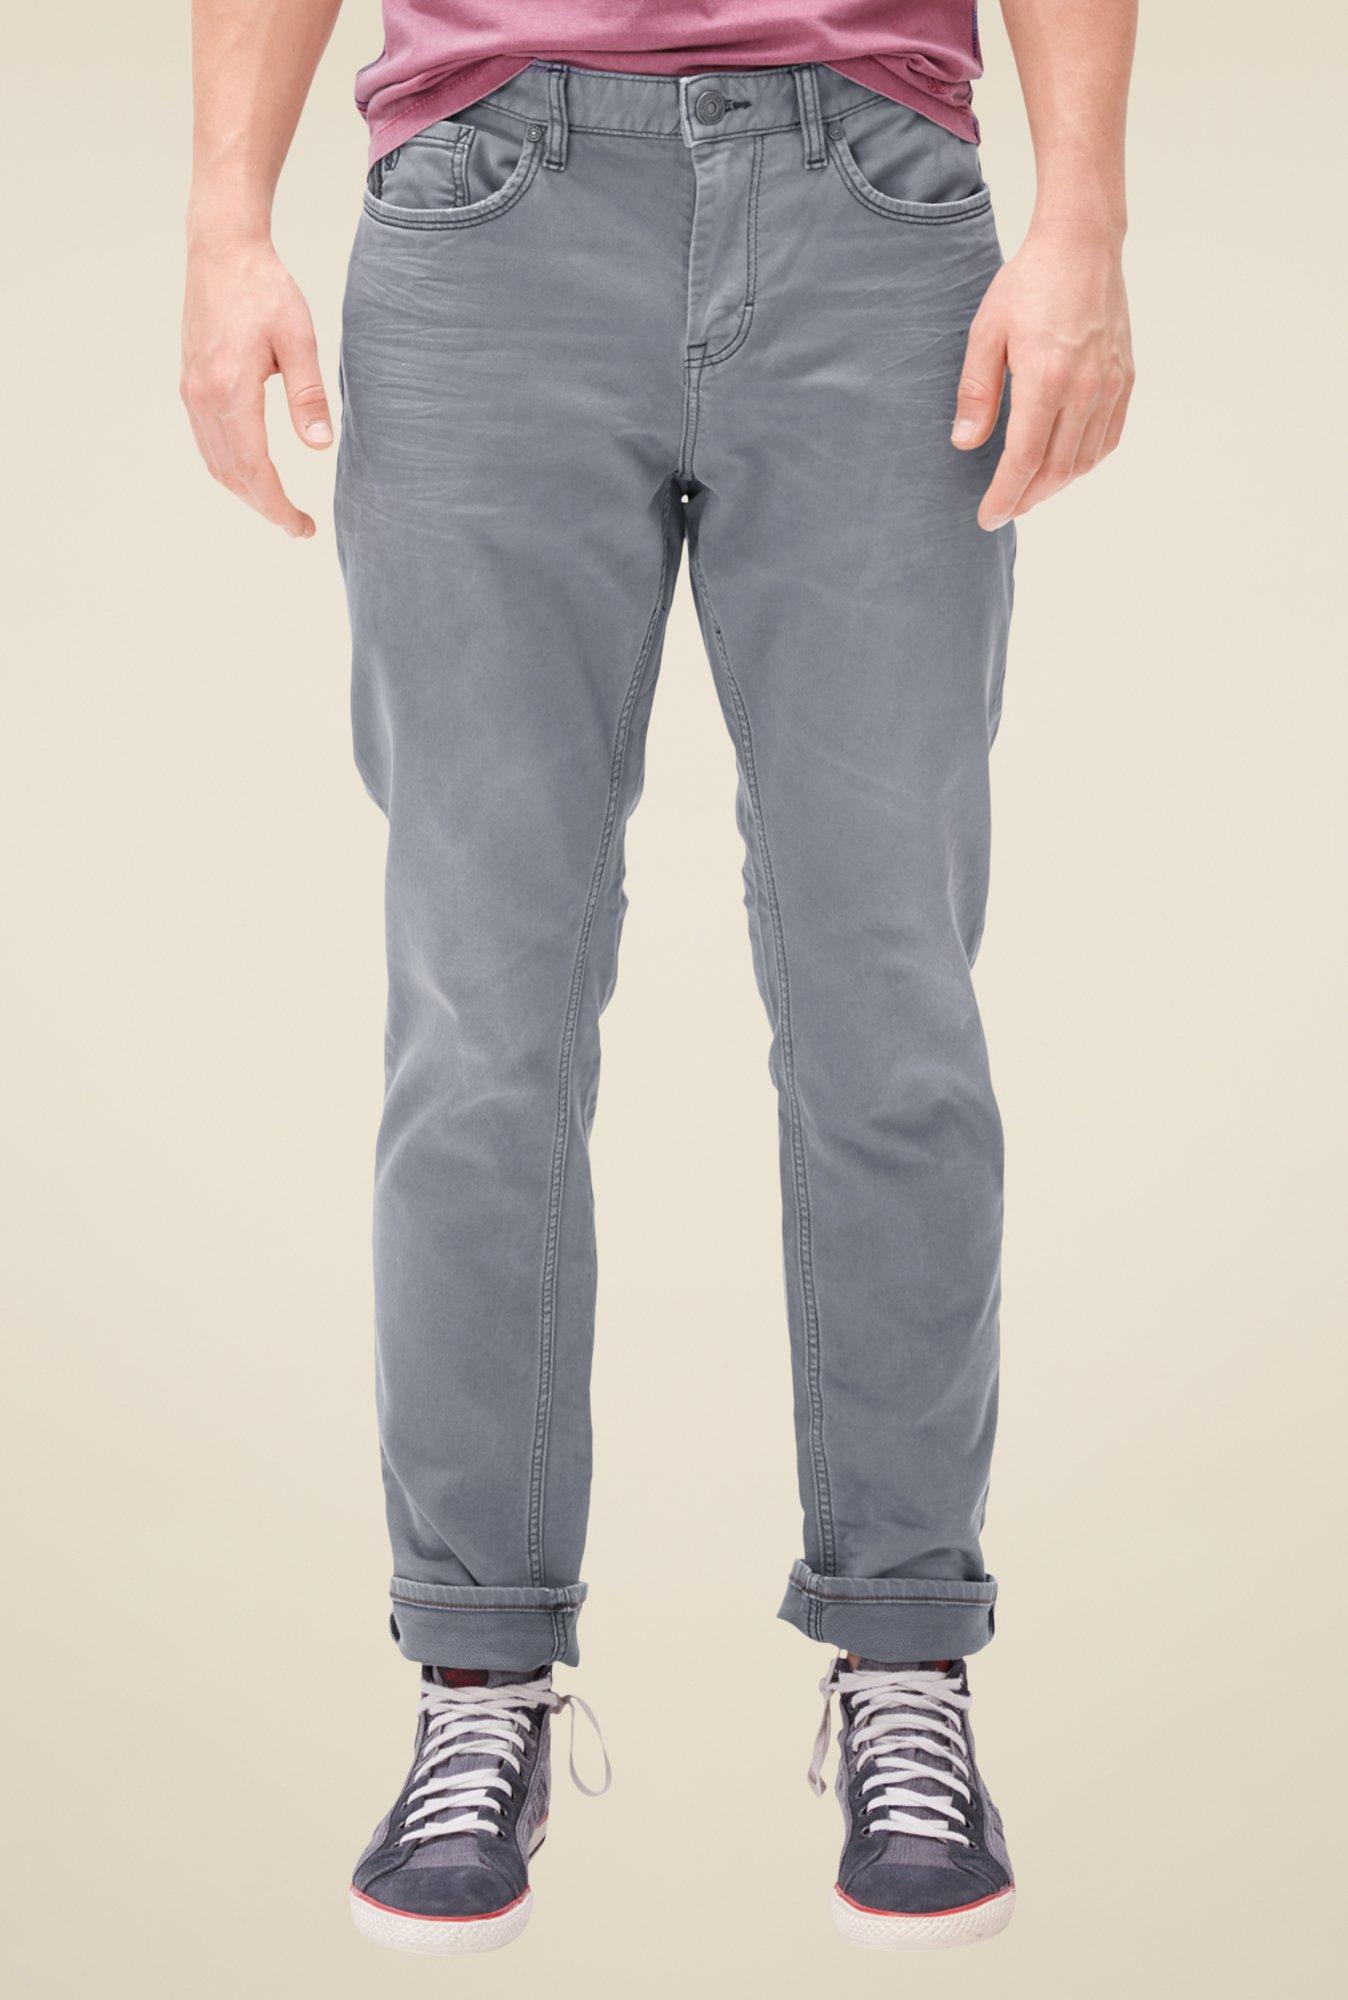 buy s oliver grey raw denim jeans for men online tata cliq. Black Bedroom Furniture Sets. Home Design Ideas